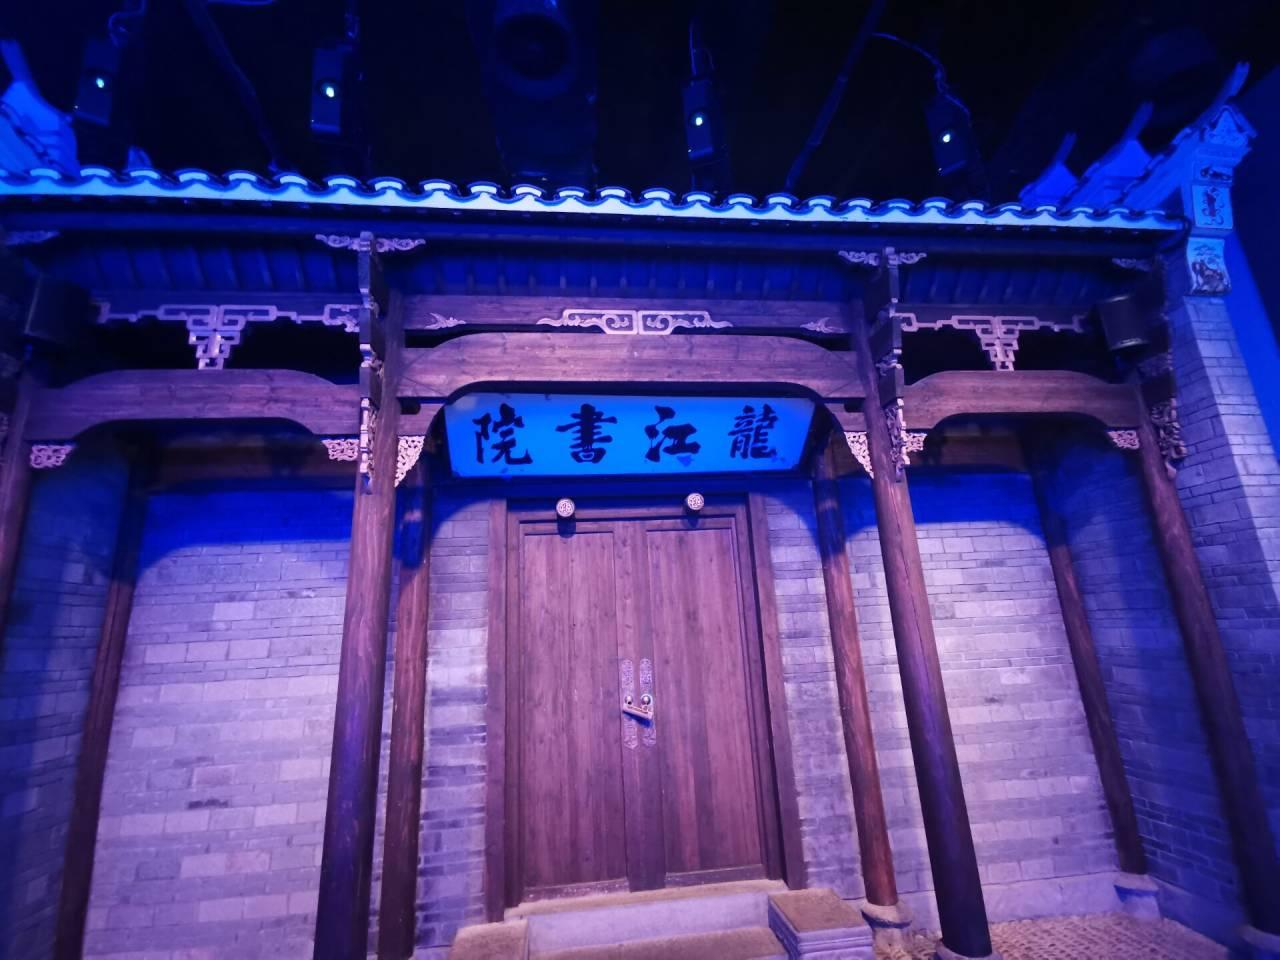 井冈山之博物馆景物画面11.jpg